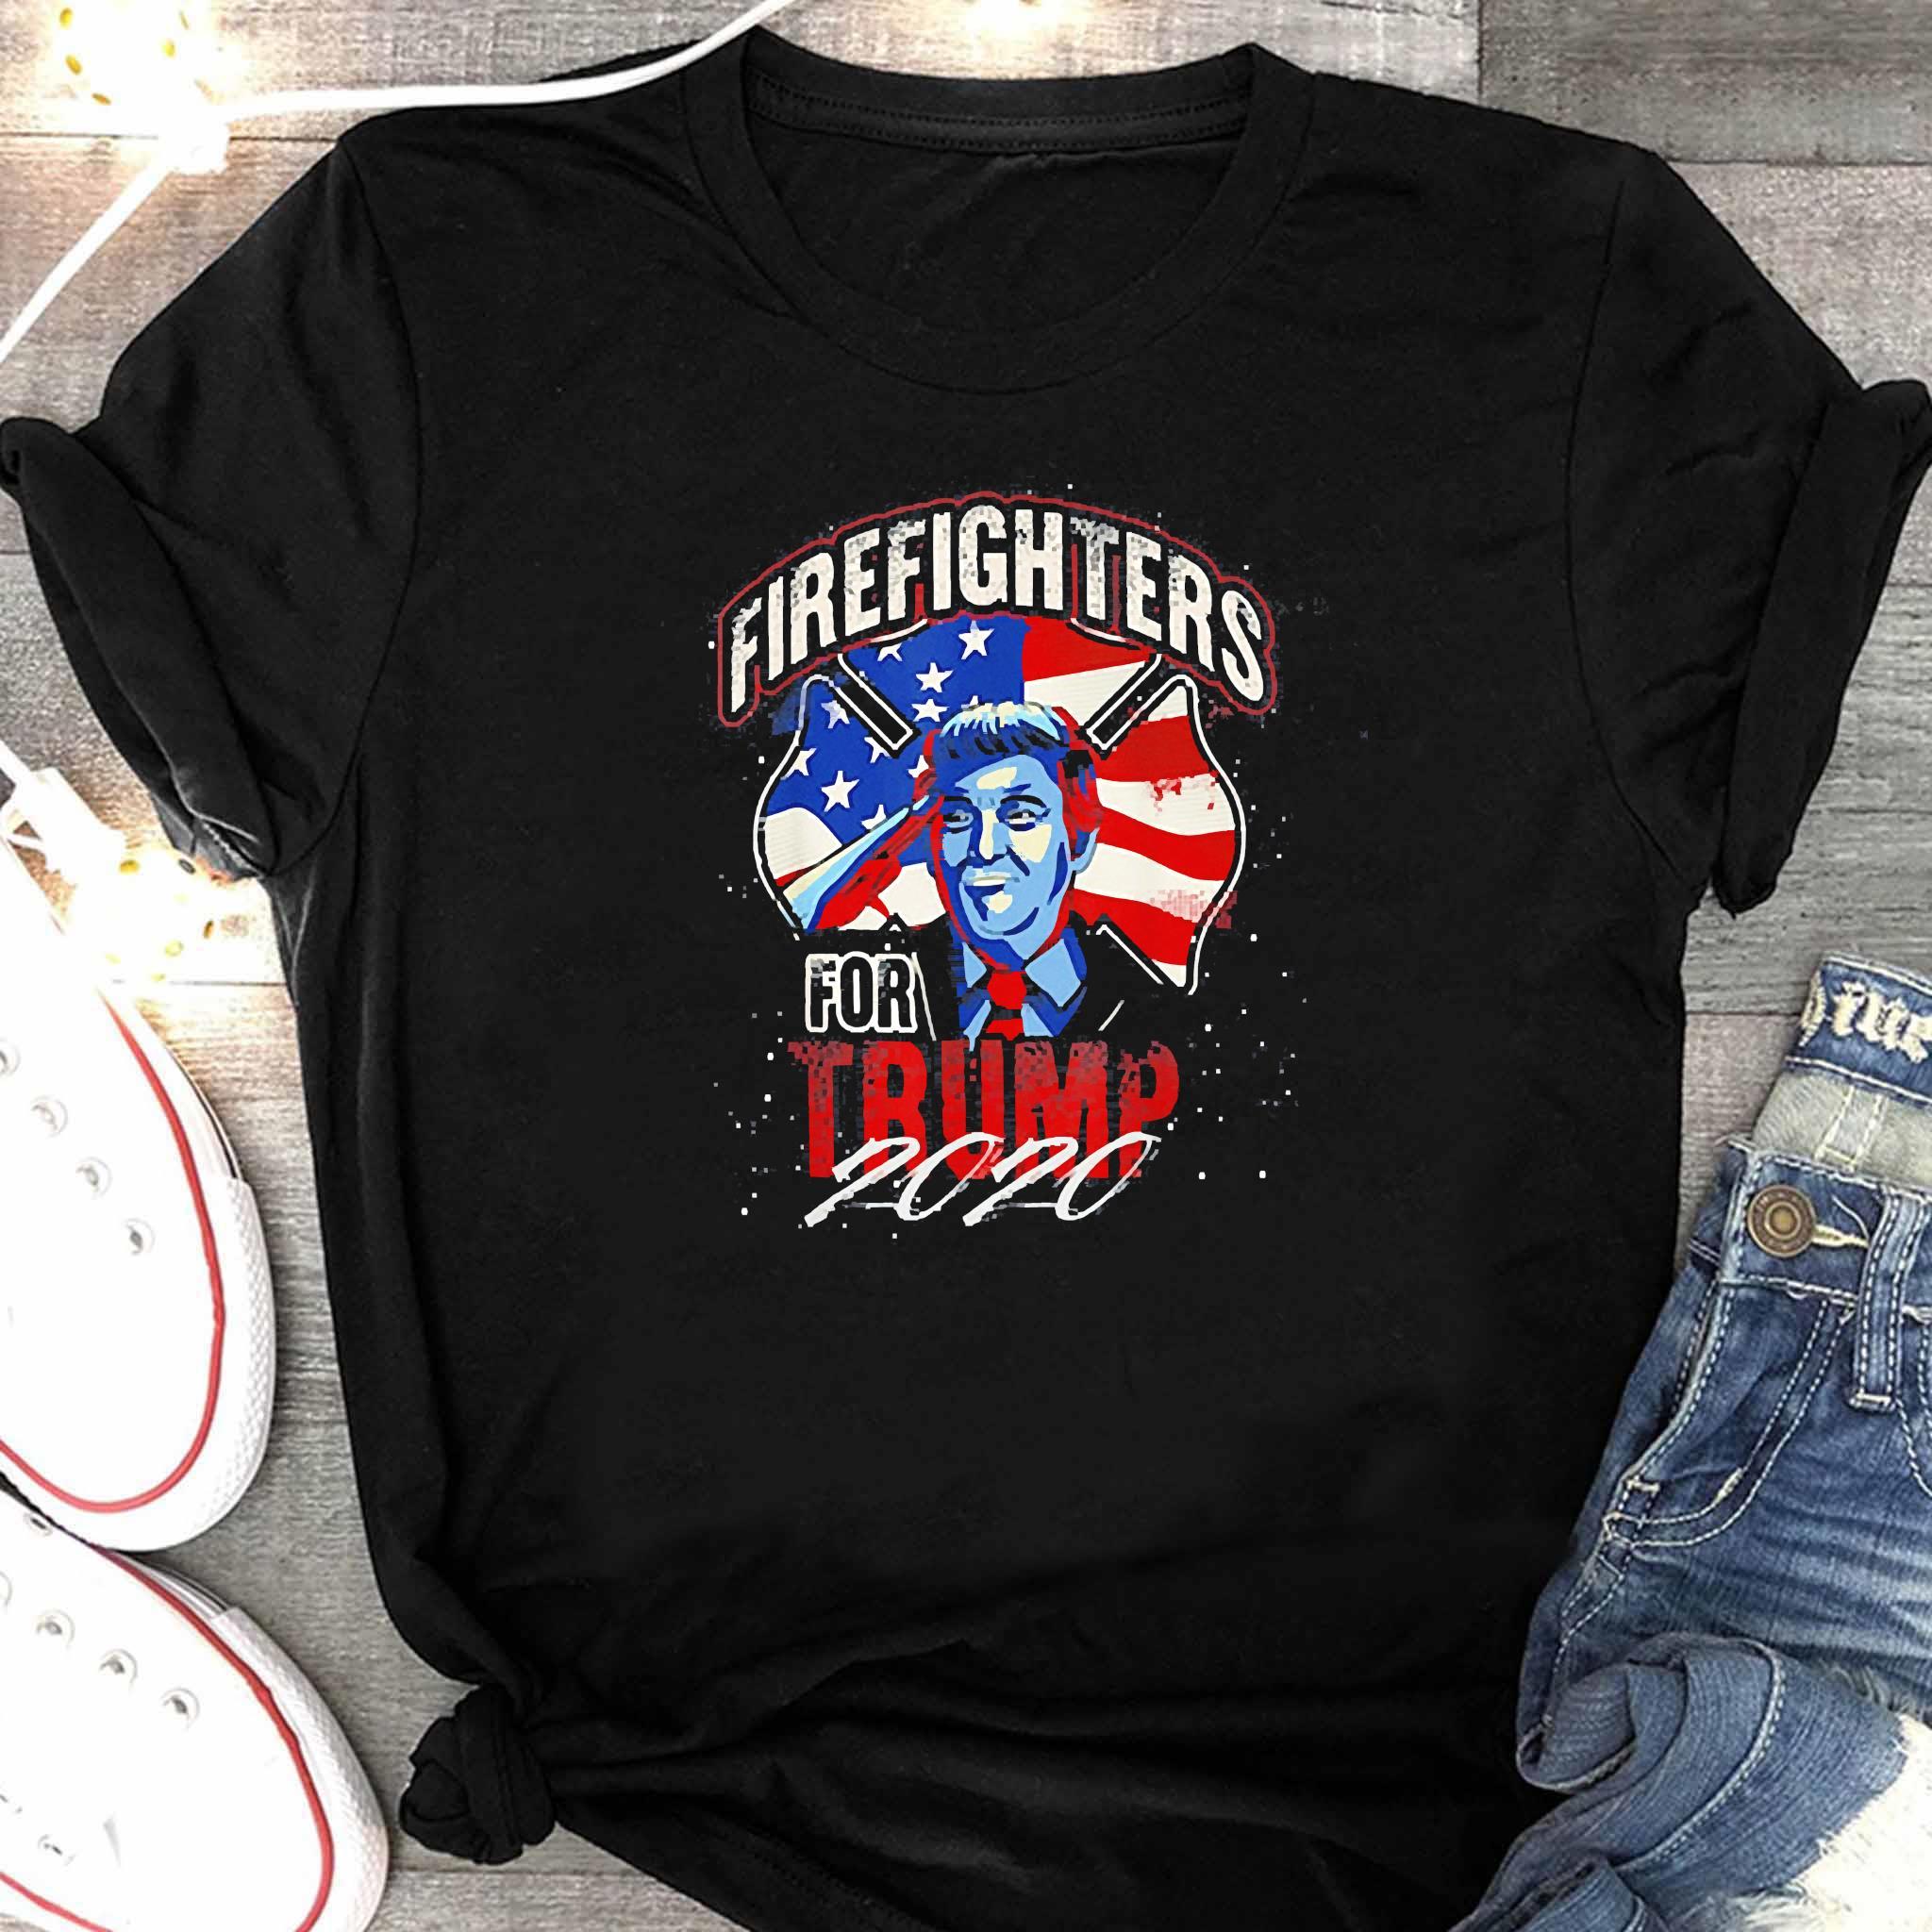 Firefighters For Trump 2020 Fire Fighter Shirt Women's Shirt